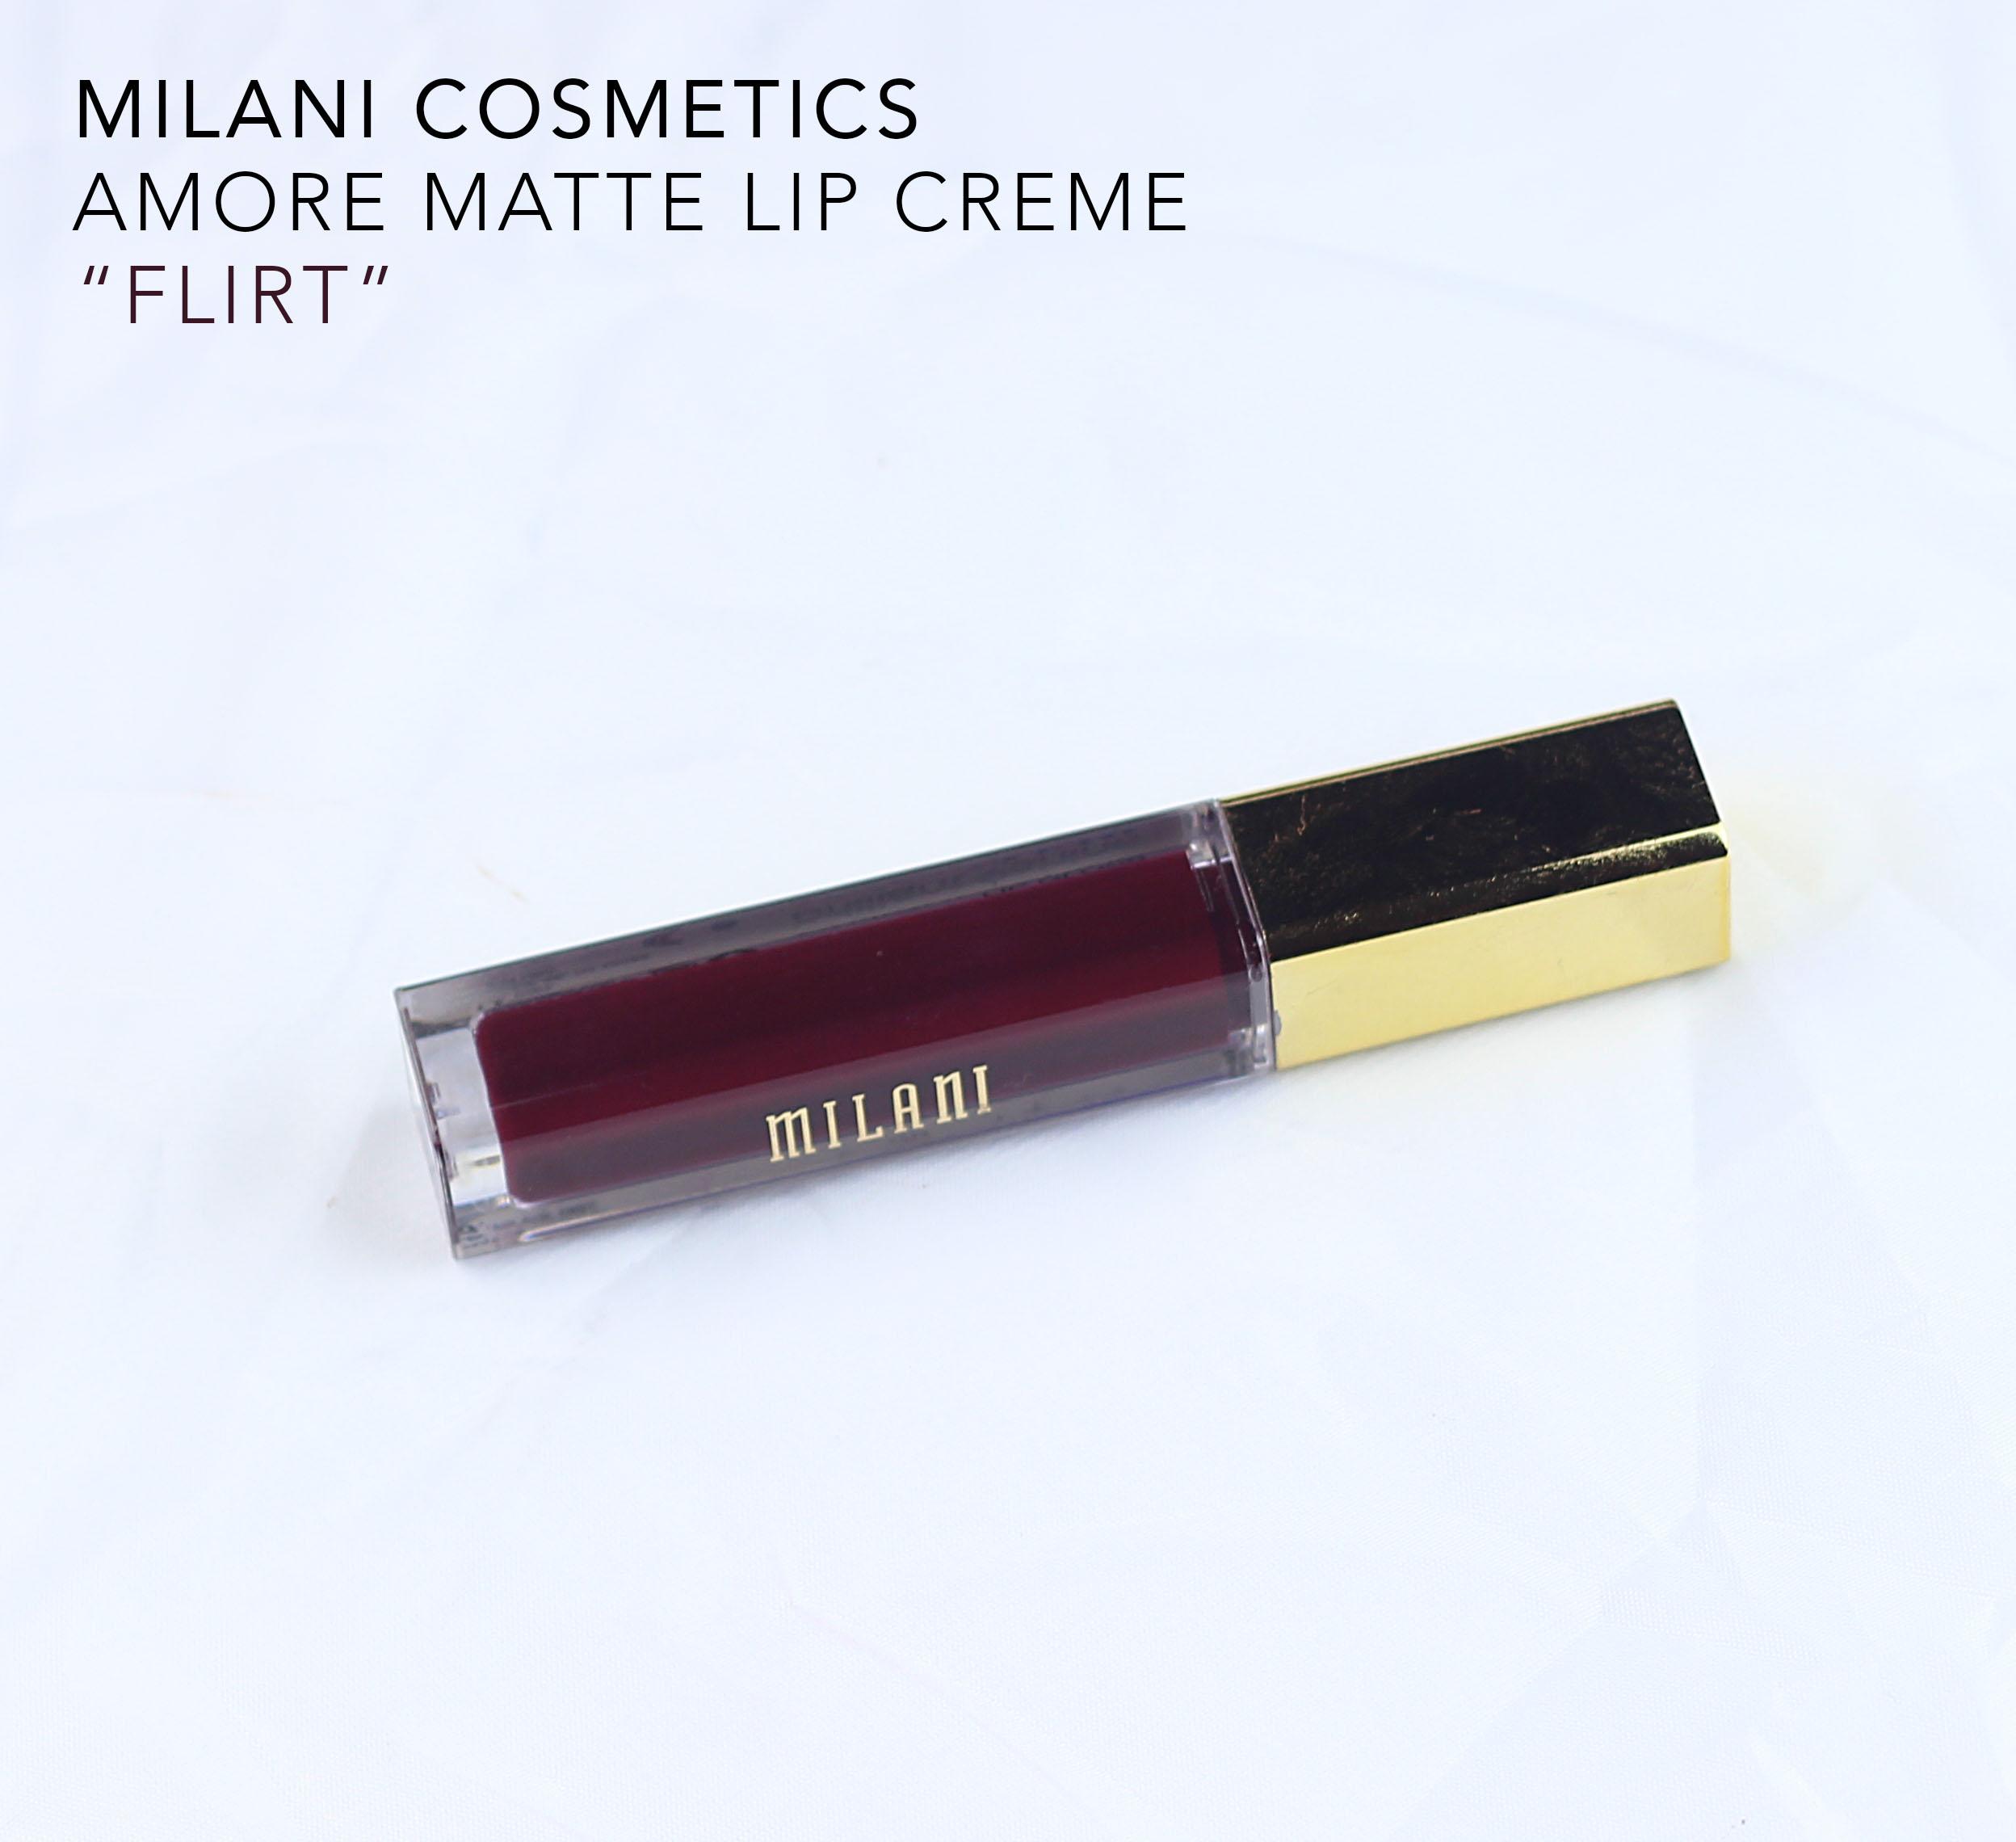 milani-amore matte lip creme swatch in flirt